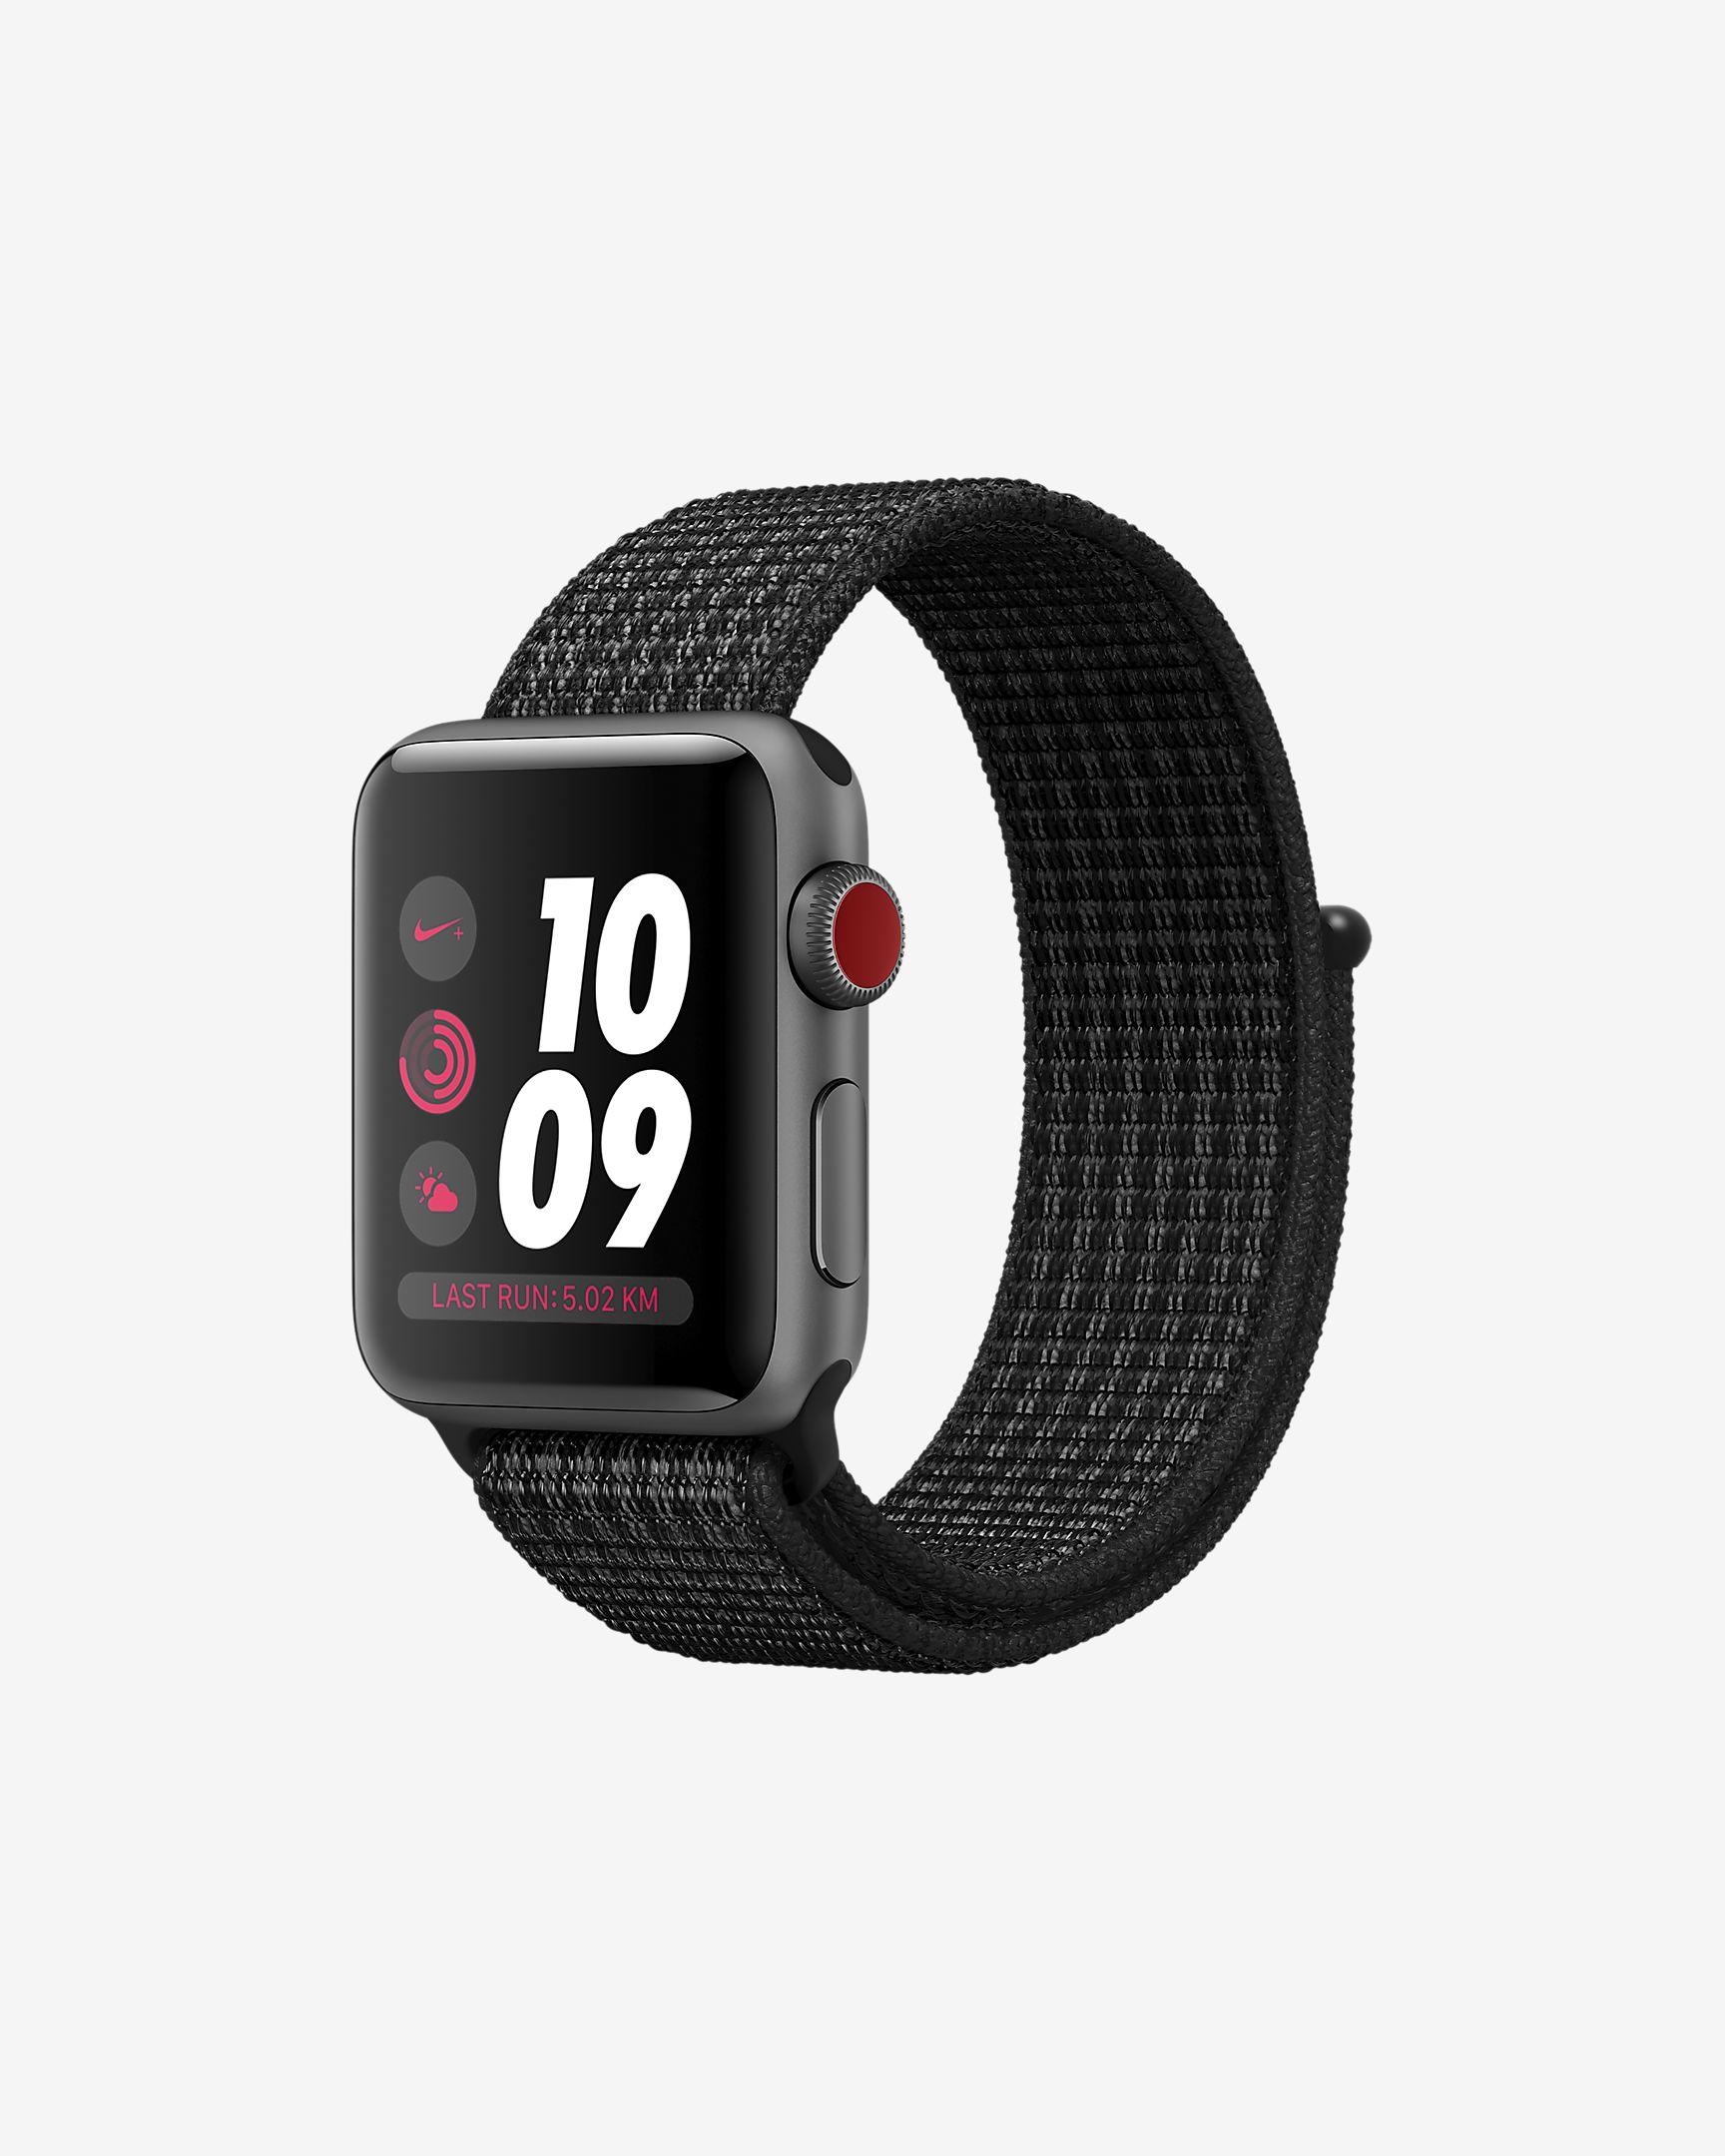 Montre connectée Apple Watch Nike+ Series 3 (GPS + Cellular) - 38mm